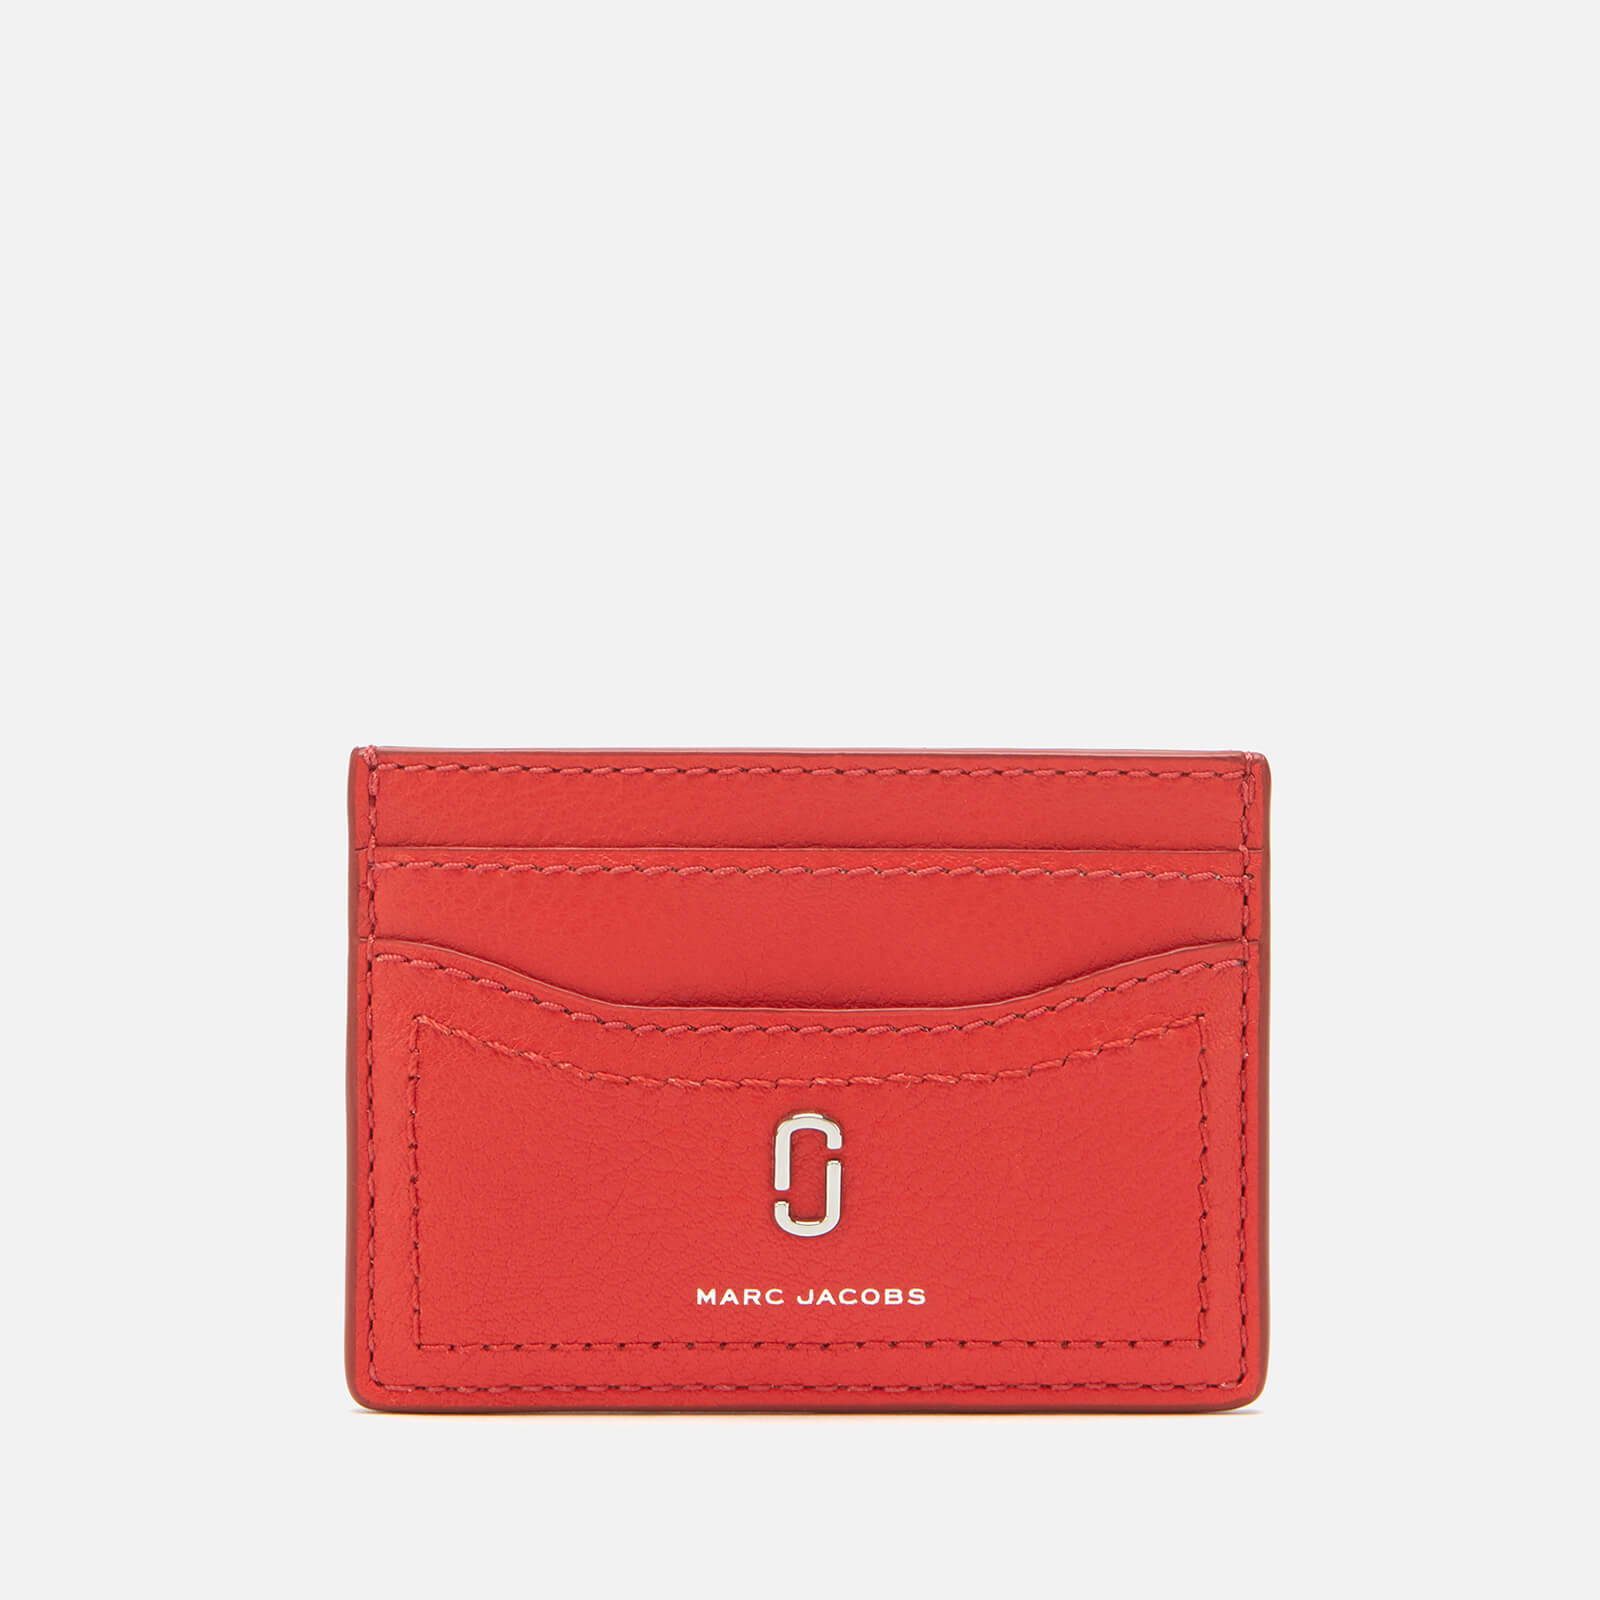 super popular c7c71 64408 Marc Jacobs Women's Card Case - Geranium